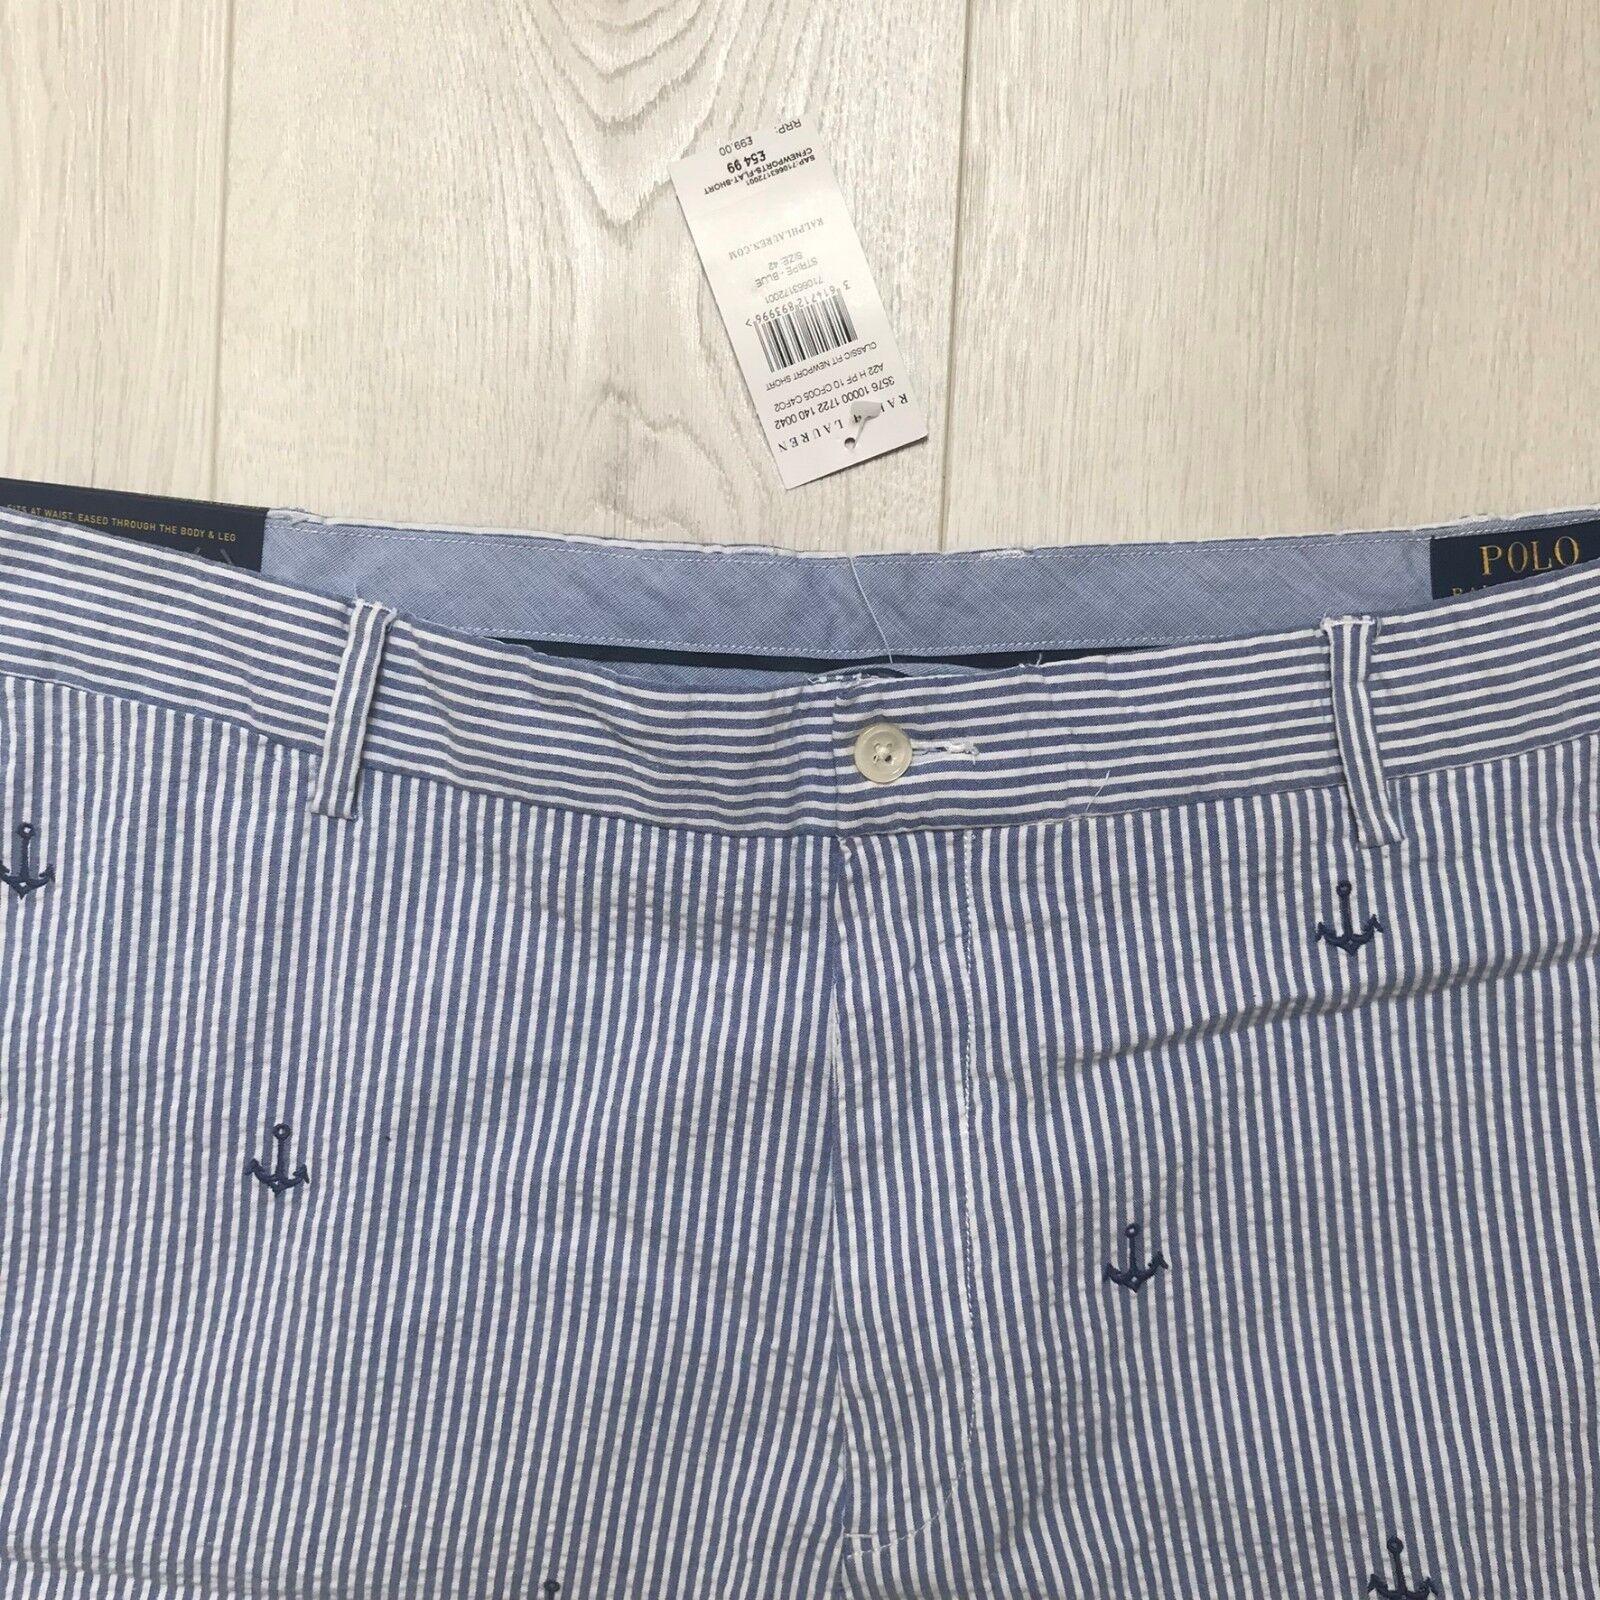 NUOVO POLO RALPH LAUREN Pantaloncini Pantaloncini Pantaloncini Da Uomo Rrp  Taglia W42 100% autentico NUOVO CON ETICHETTA fb1890